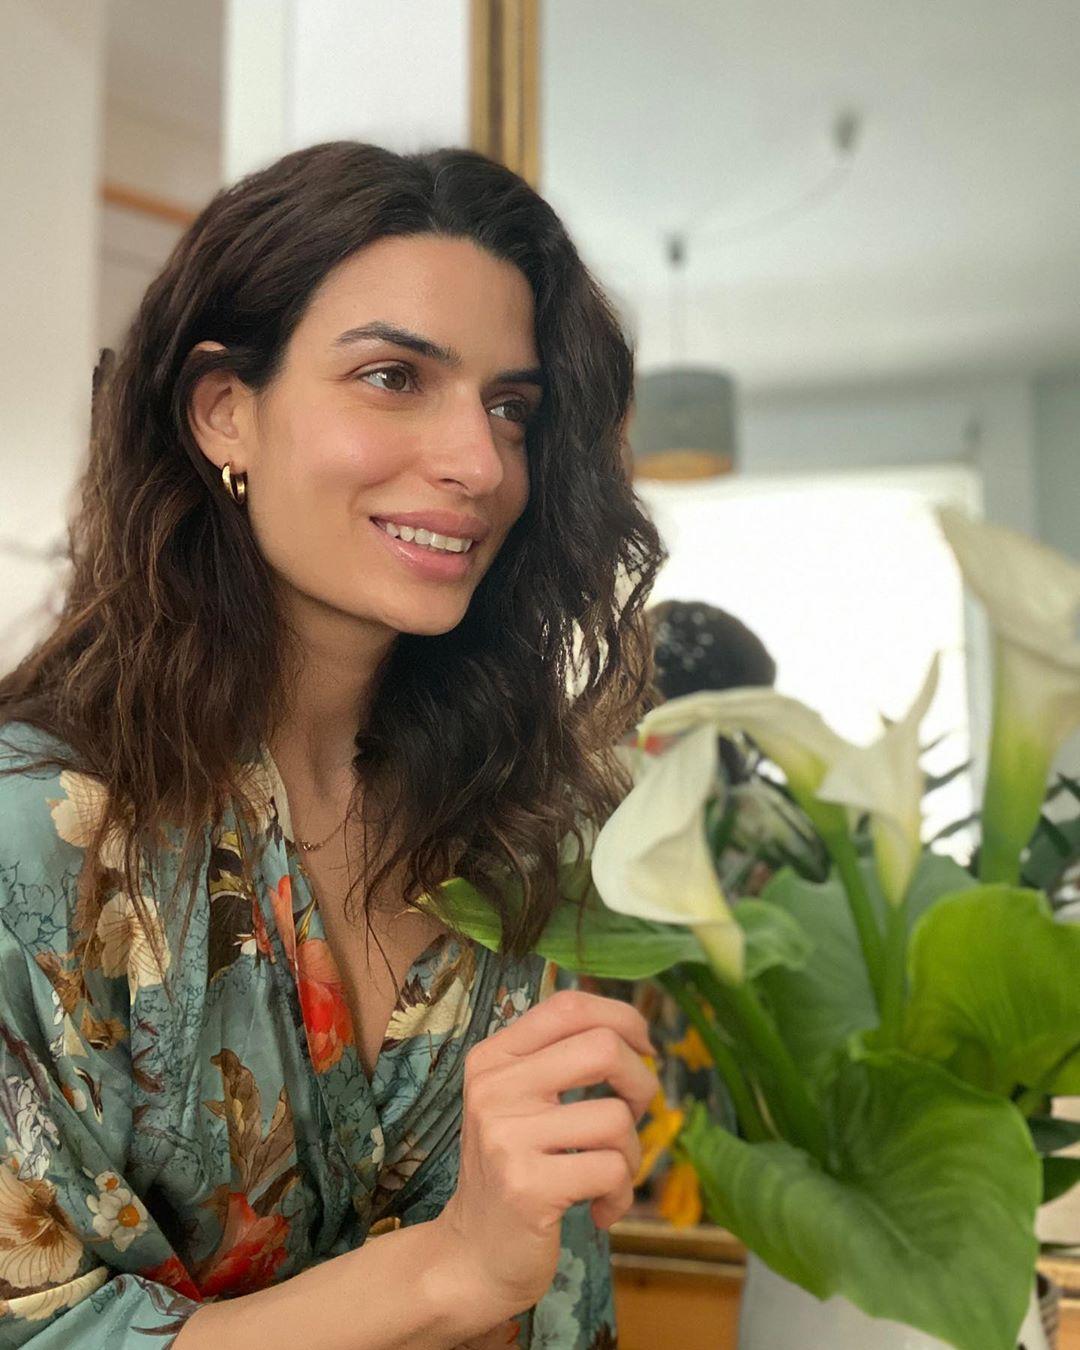 Η Τόνια Σωτηροπούλου χωρίς ίχνος μακιγιάζ, λάμπει στο όμορφο μπαλκόνι της